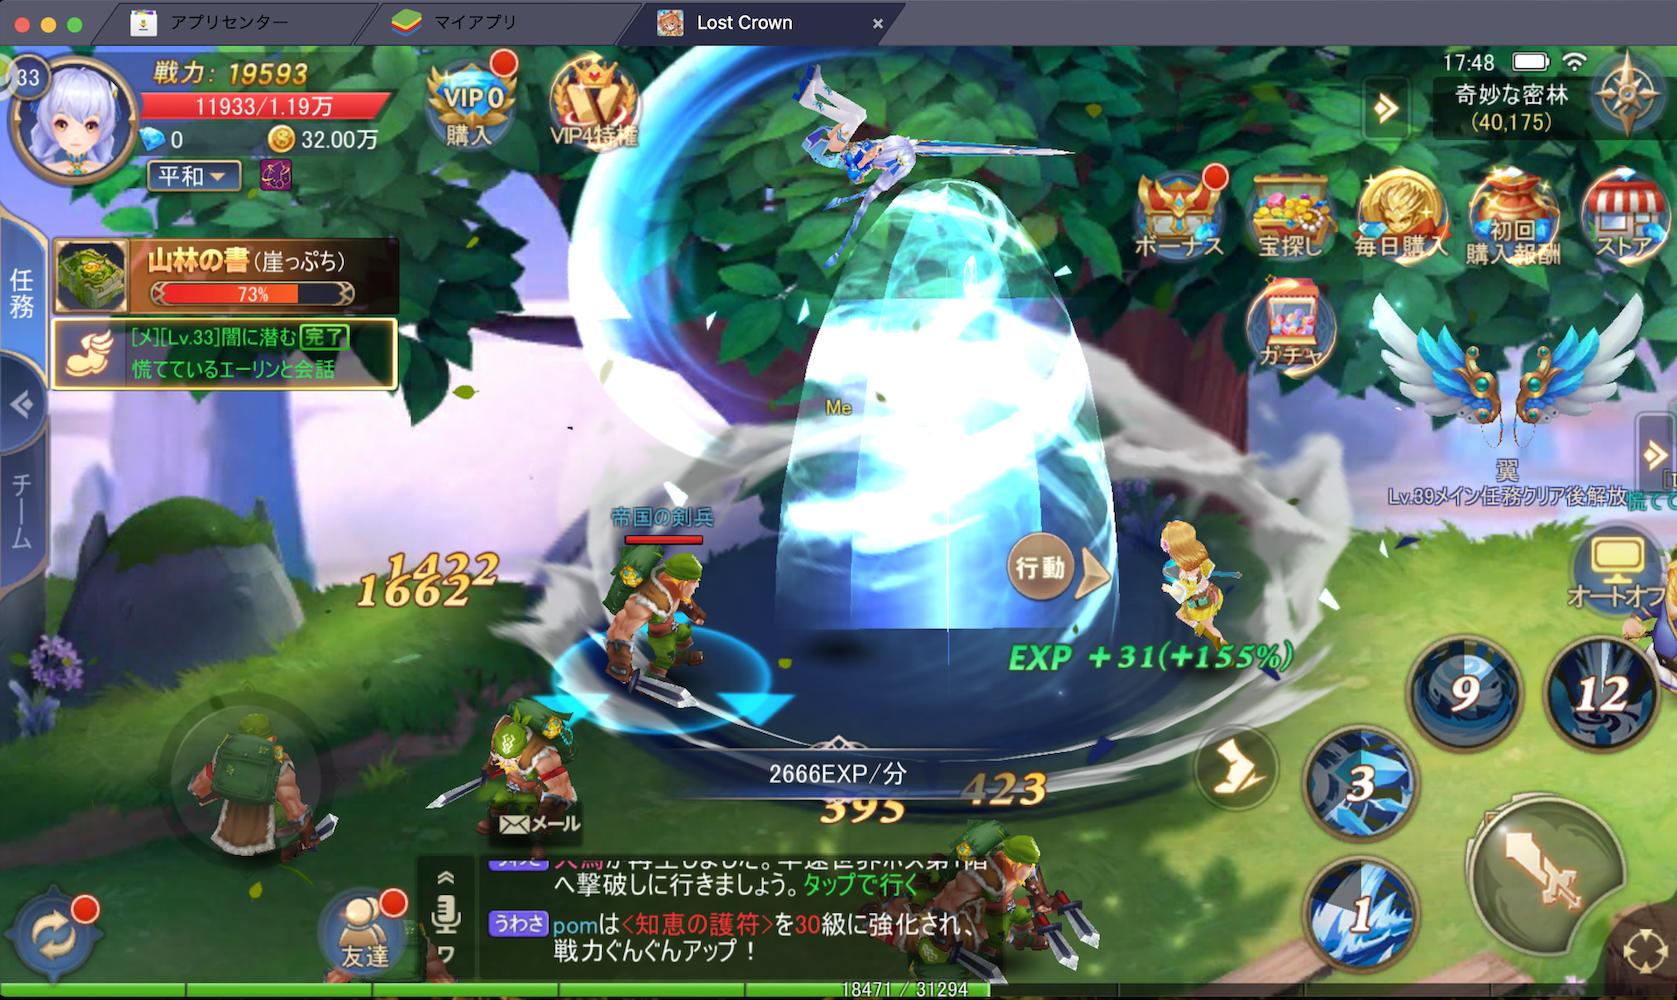 BlueStacksを使ってPCで『Lost Crown 〜亡国の姫と竜騎士の末裔〜』を遊ぼう